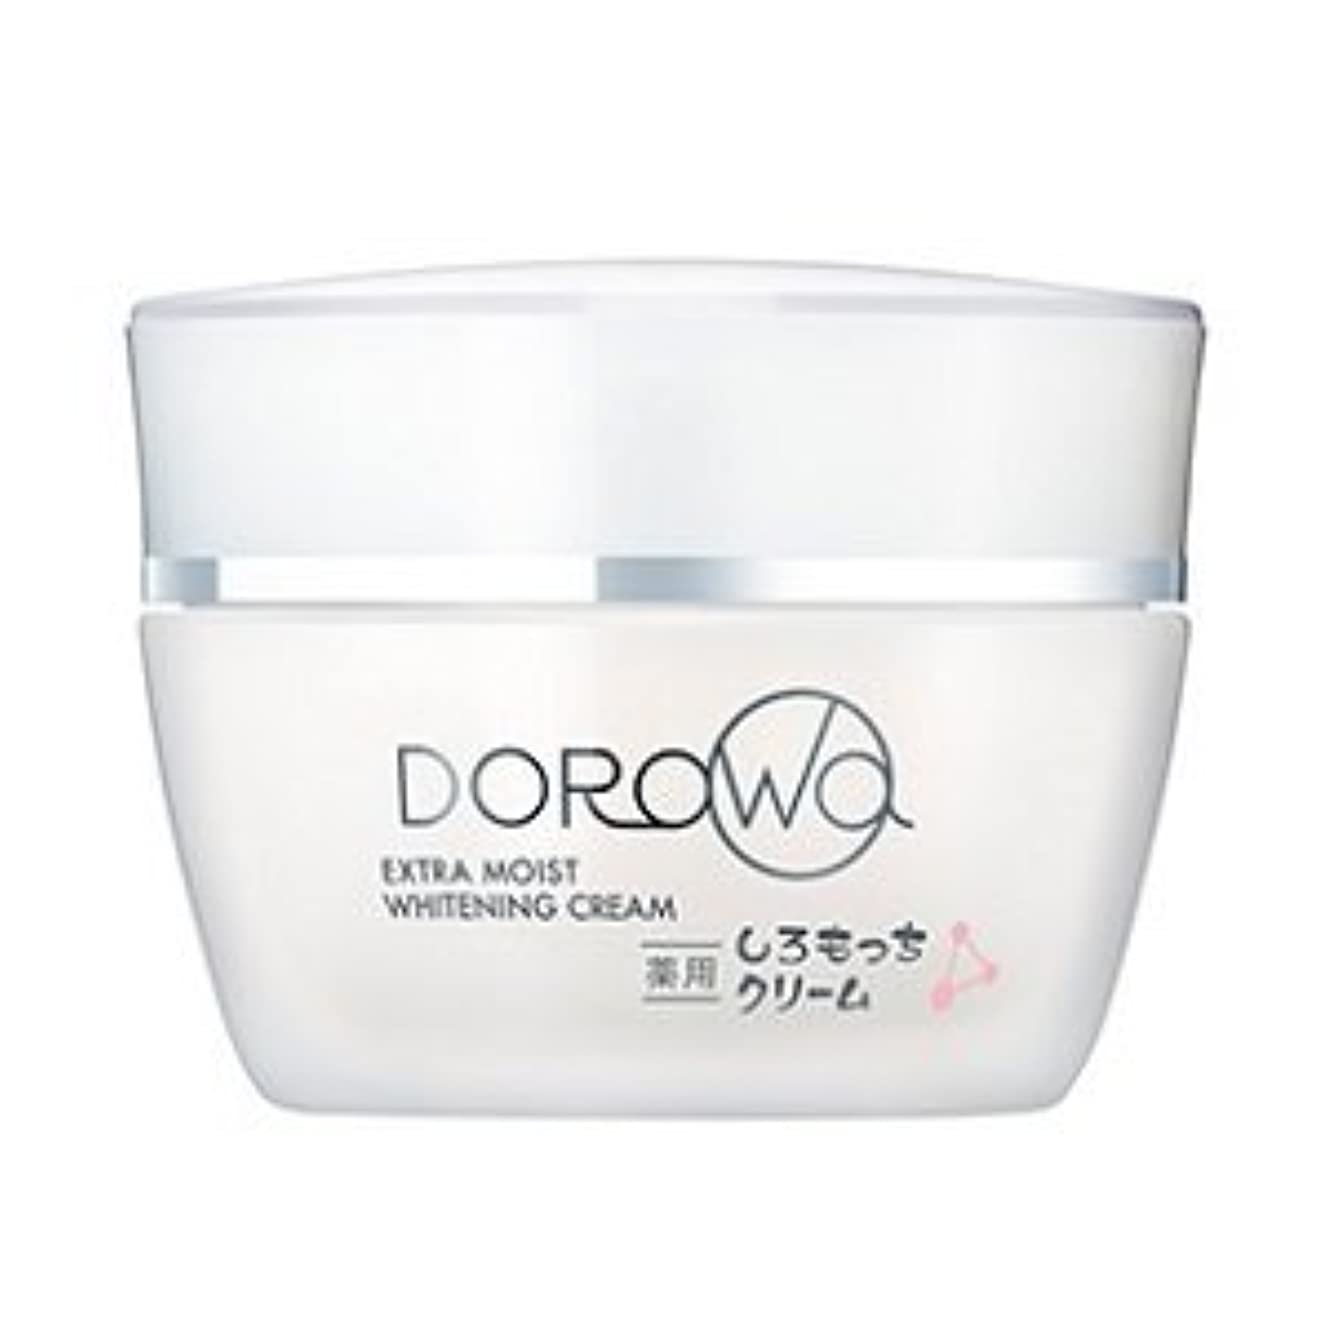 見込みアウター愚かな健康コーポレーション DOROwa 薬用 しろもっちクリーム 60g